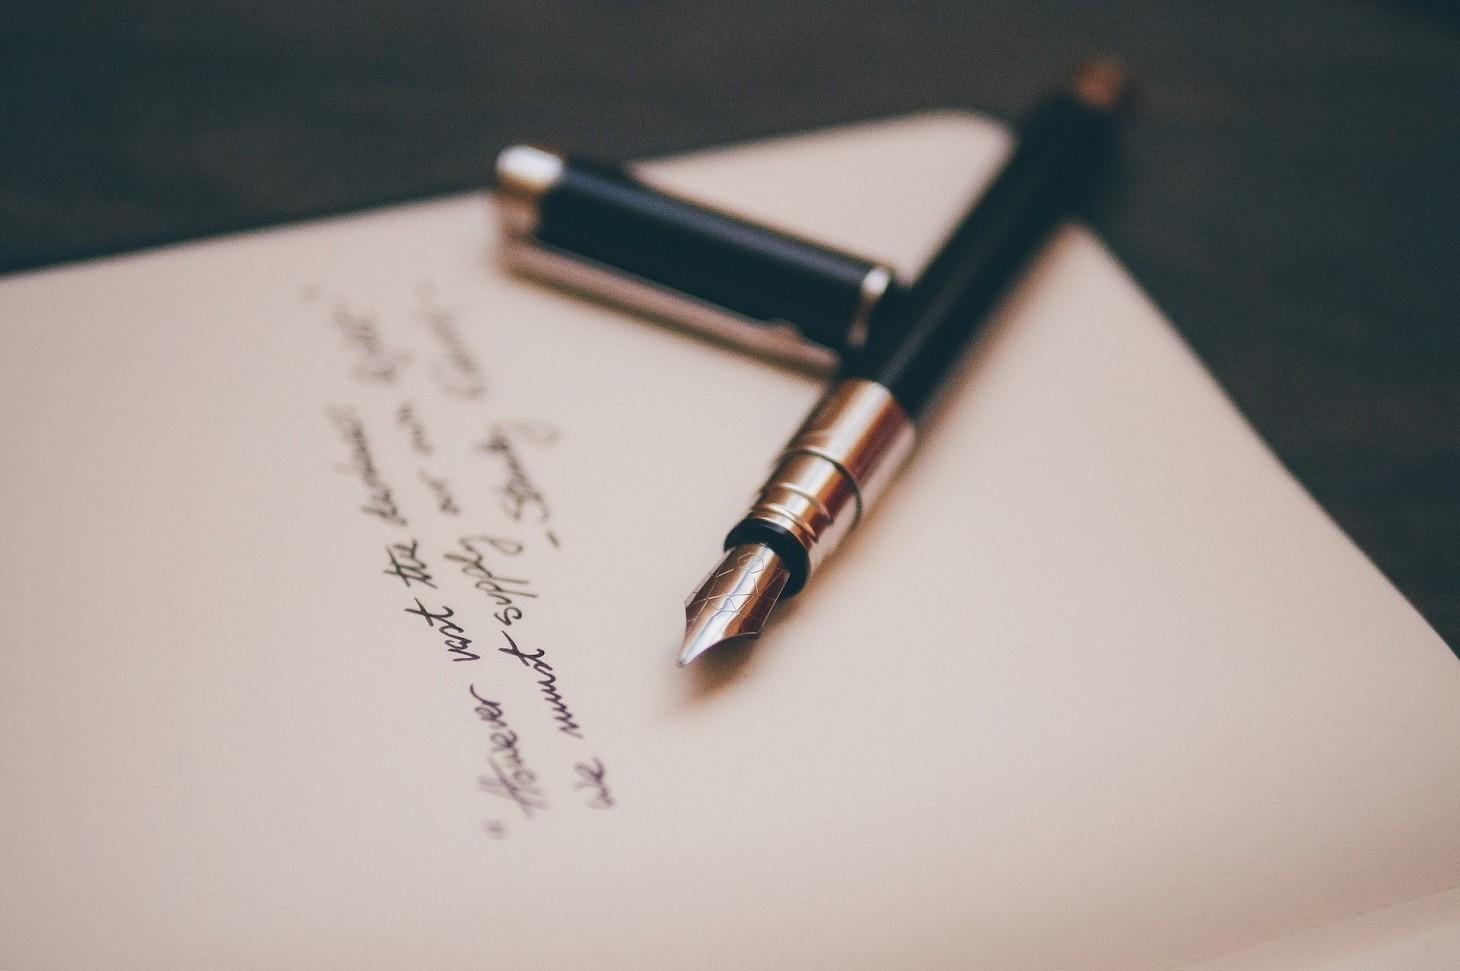 Come si deve scrivere un testamento olografo non impugnabile